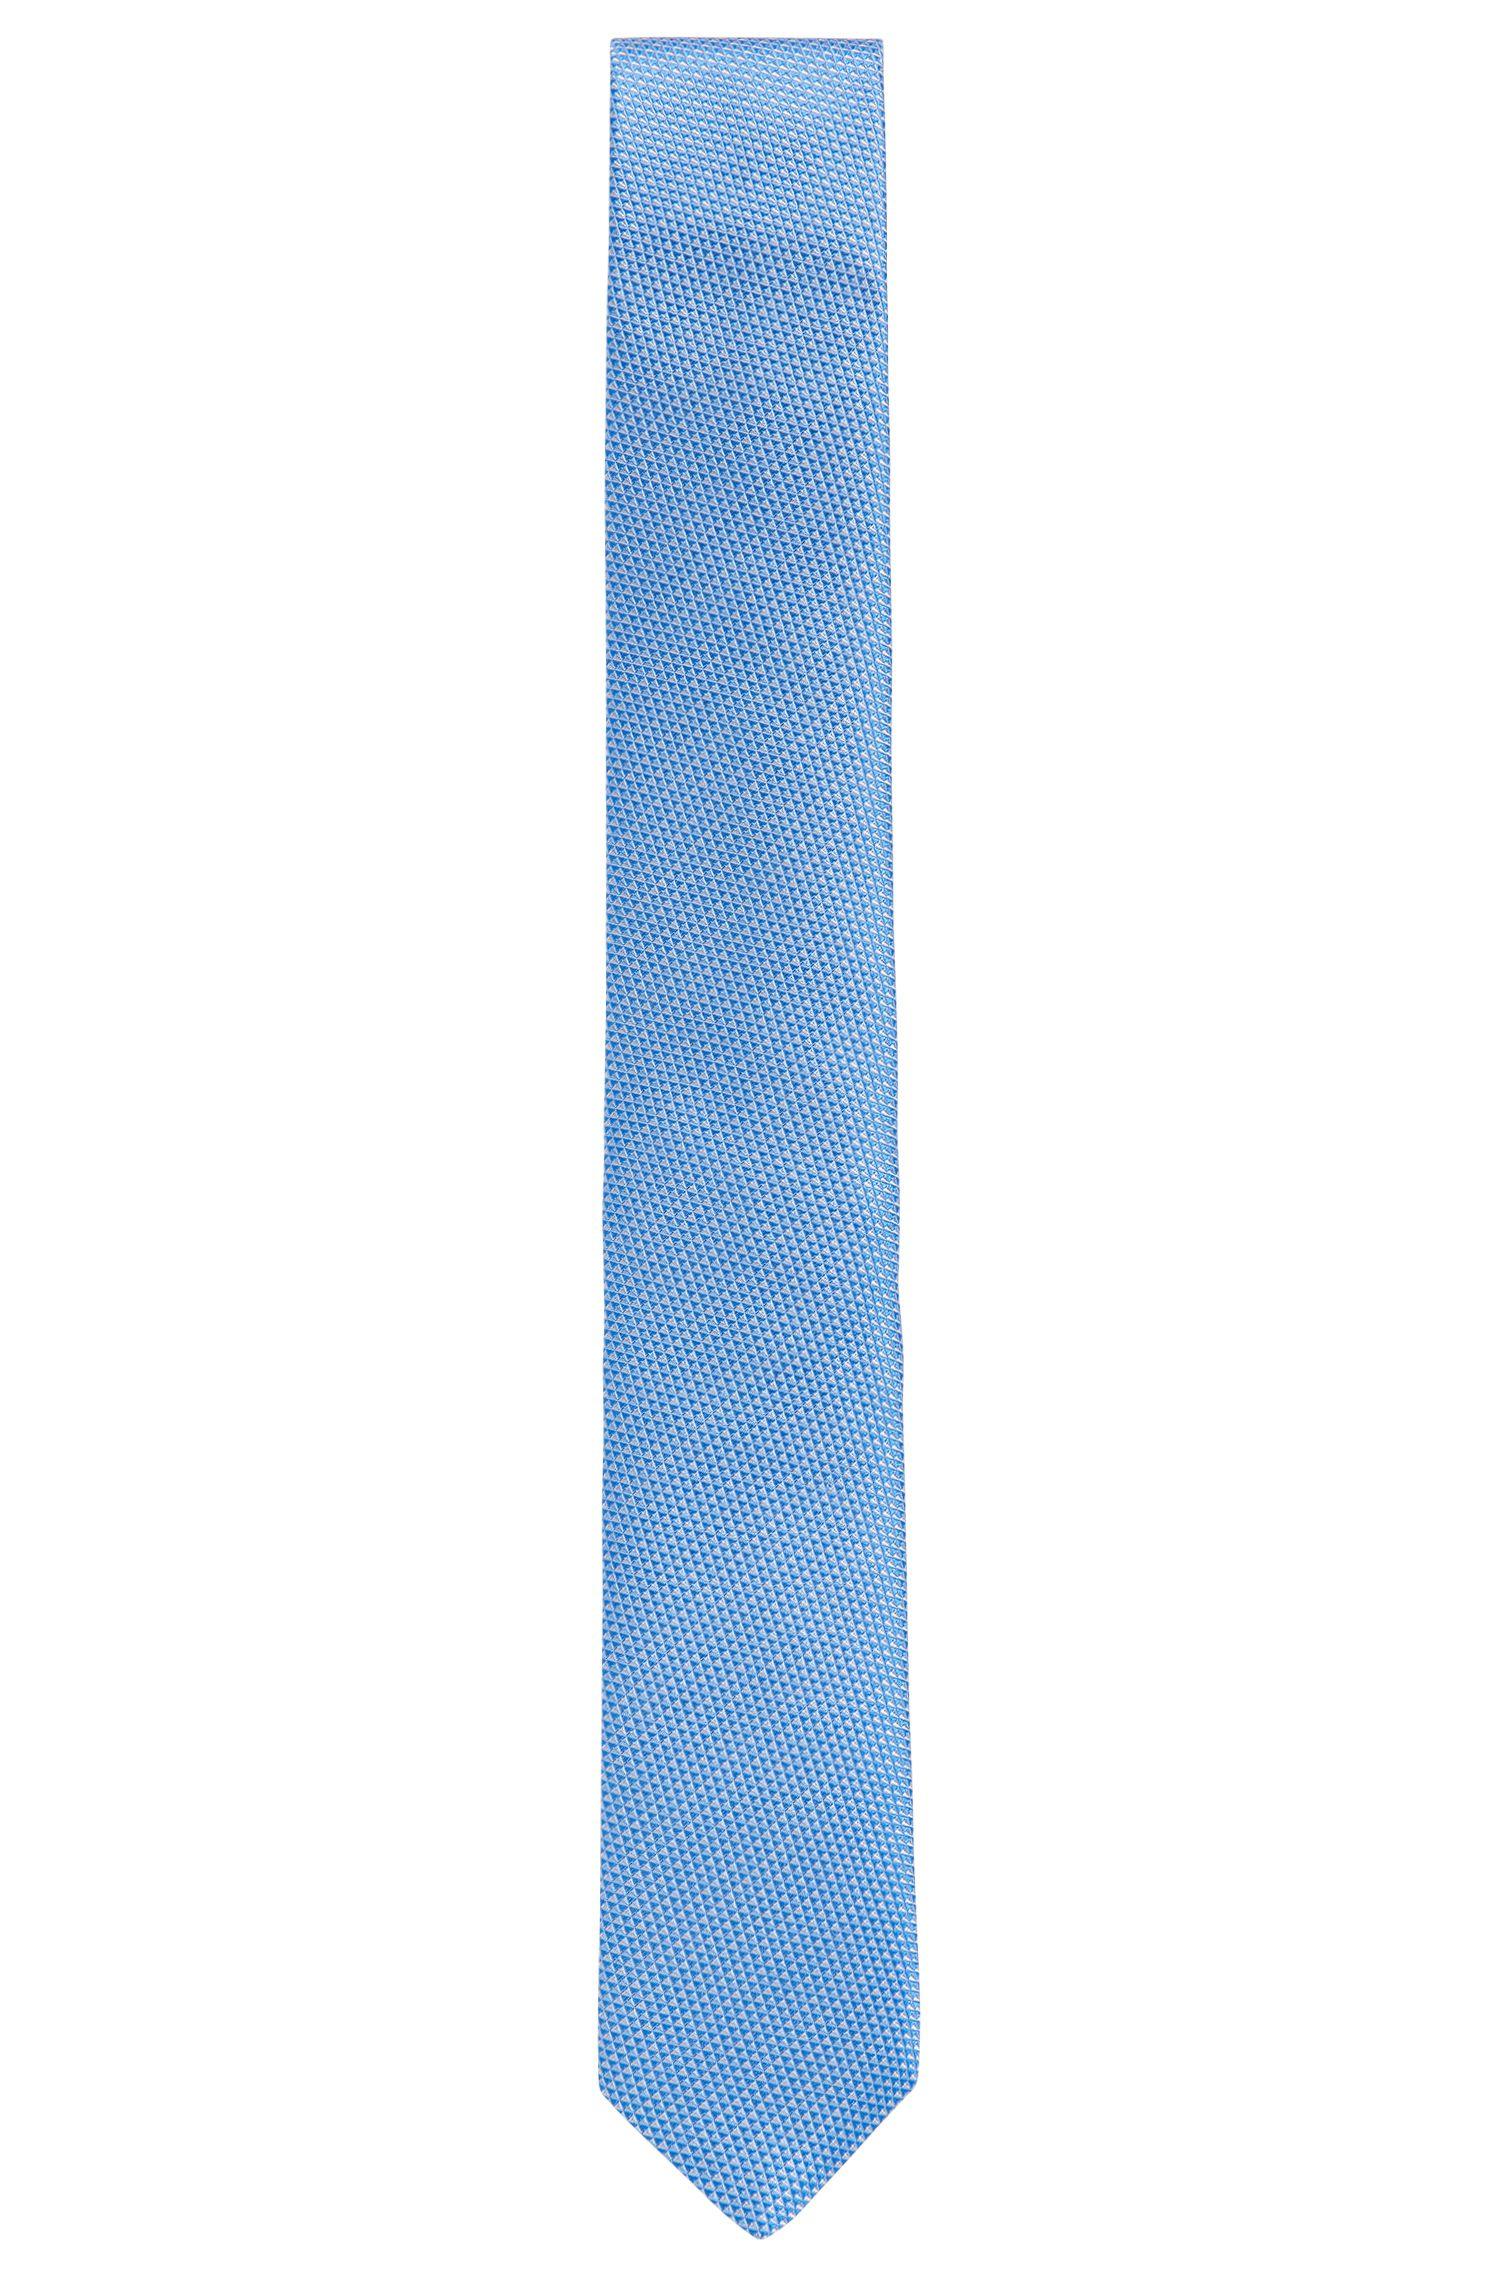 Zijden stropdas met een gedetailleerd microdessin